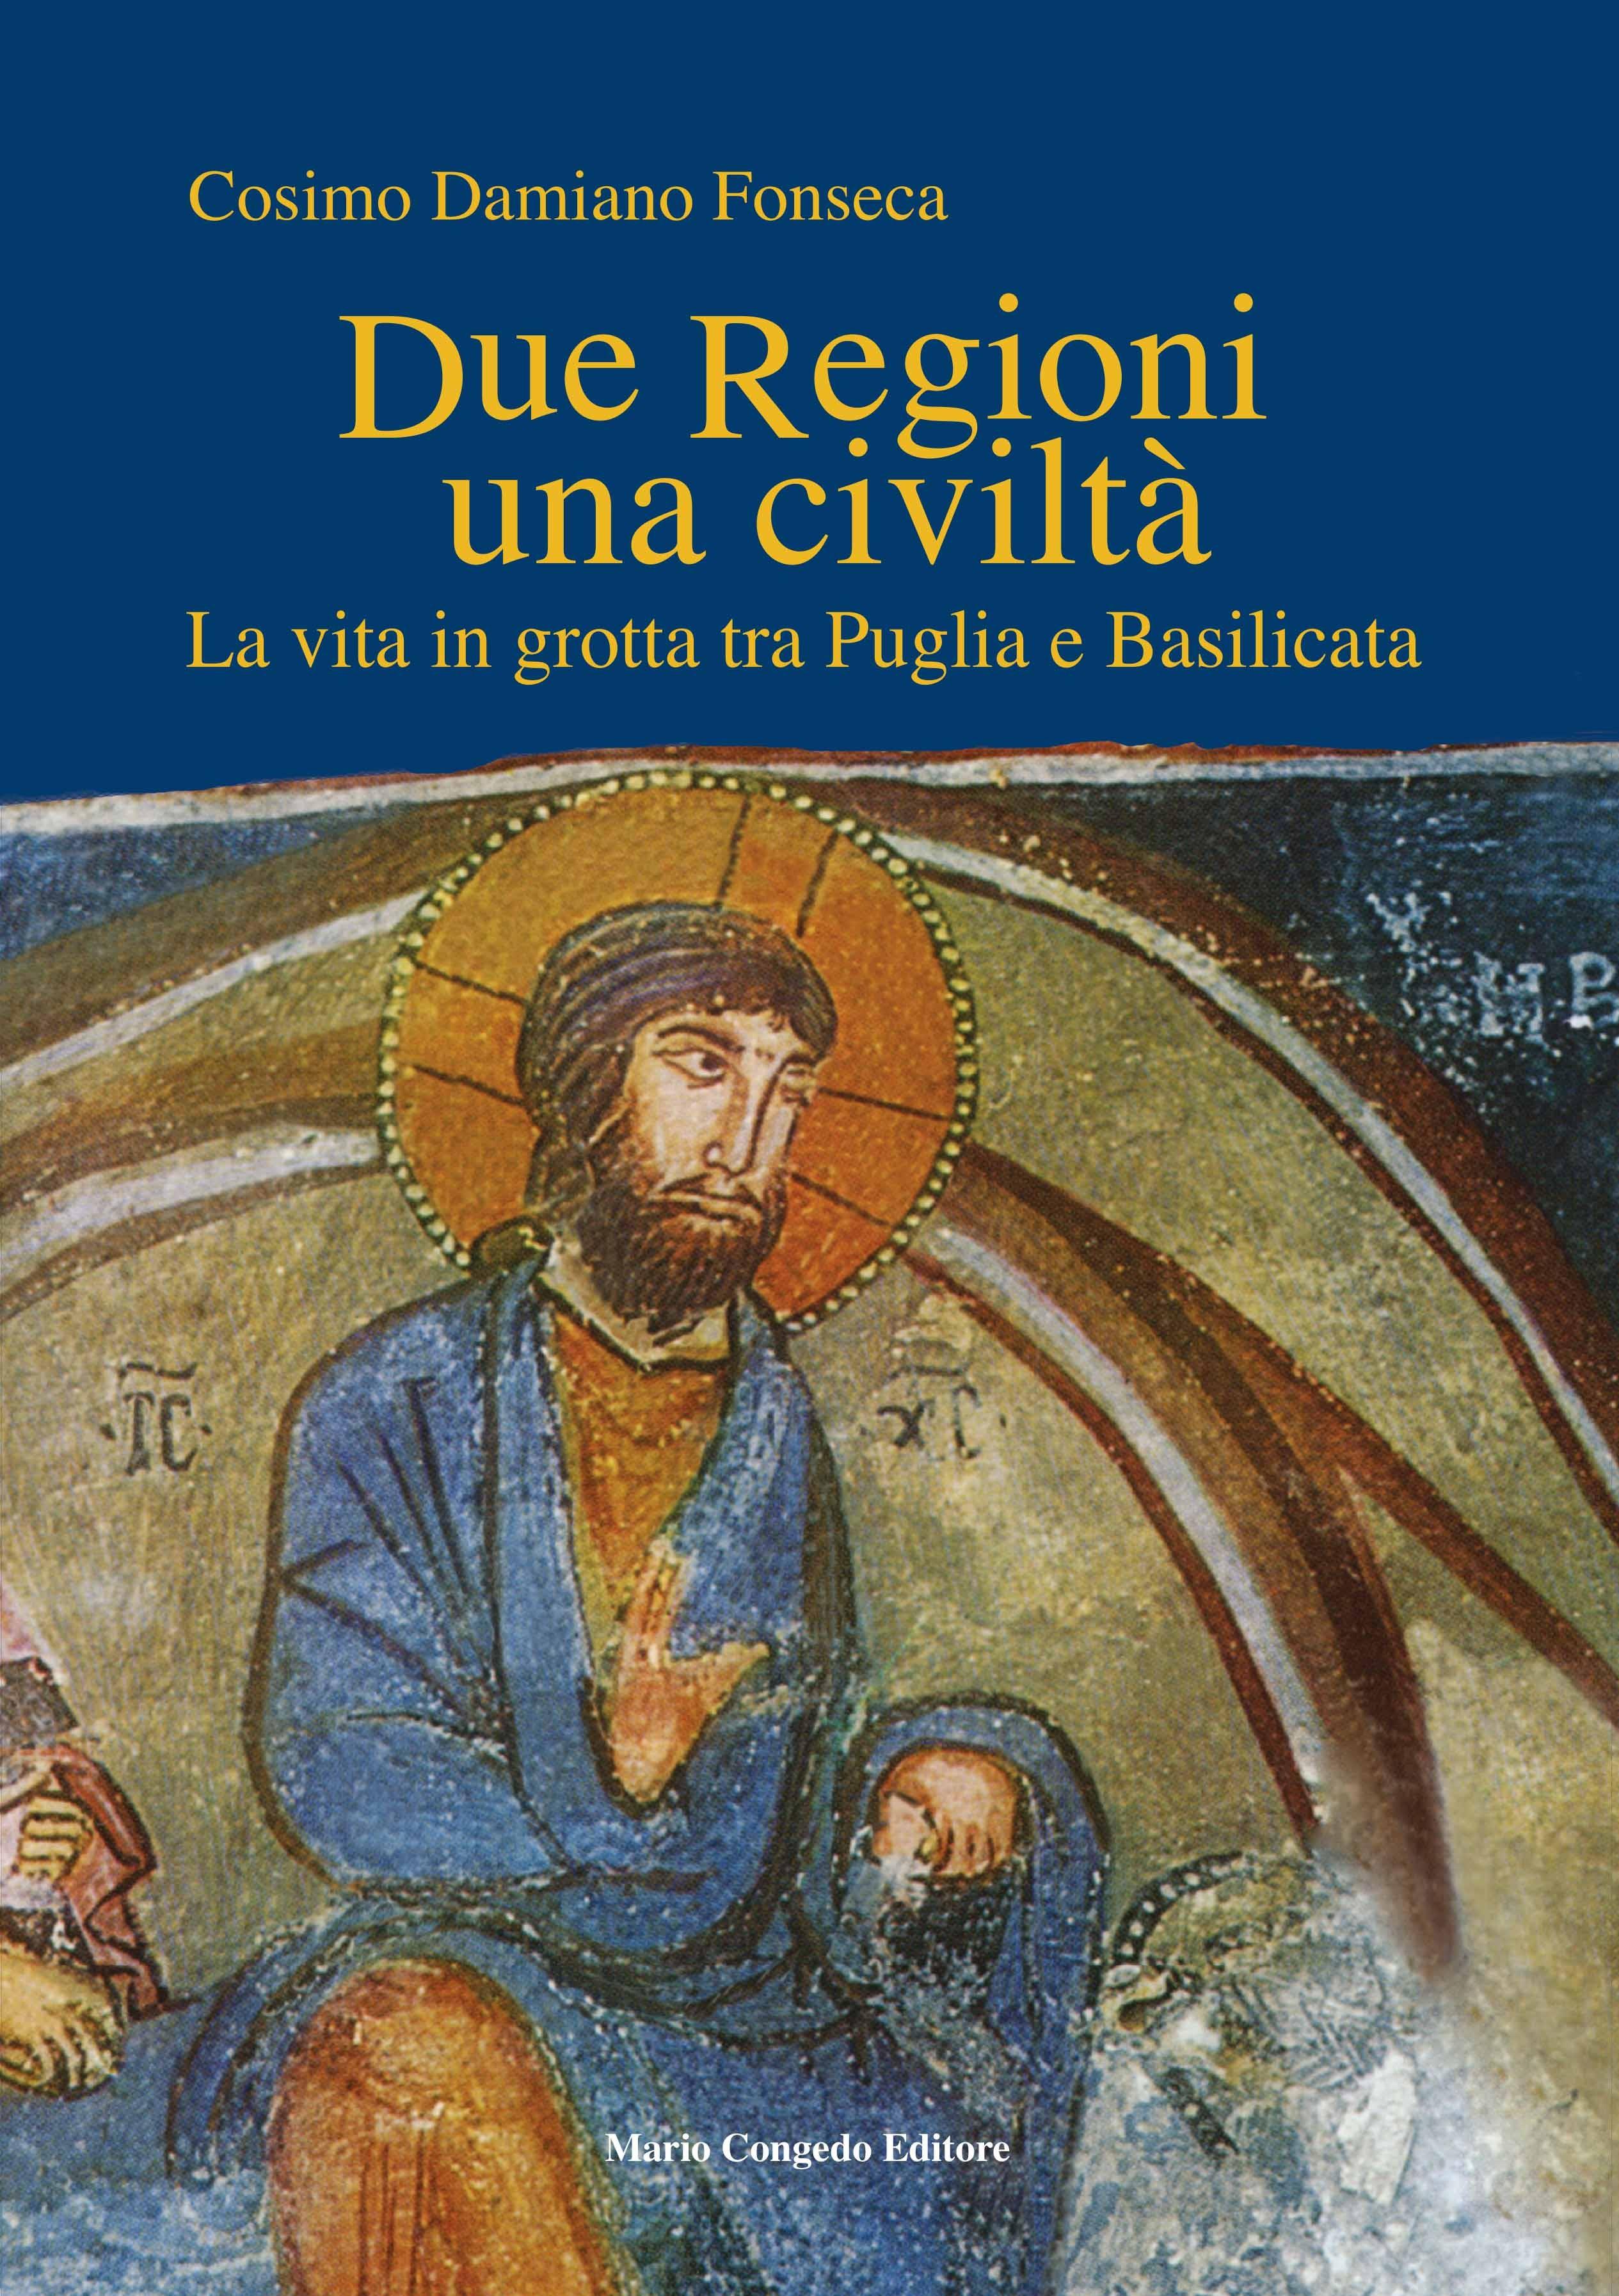 Due regioni una civiltà. La vita in grotta tra Puglia e Basilicata